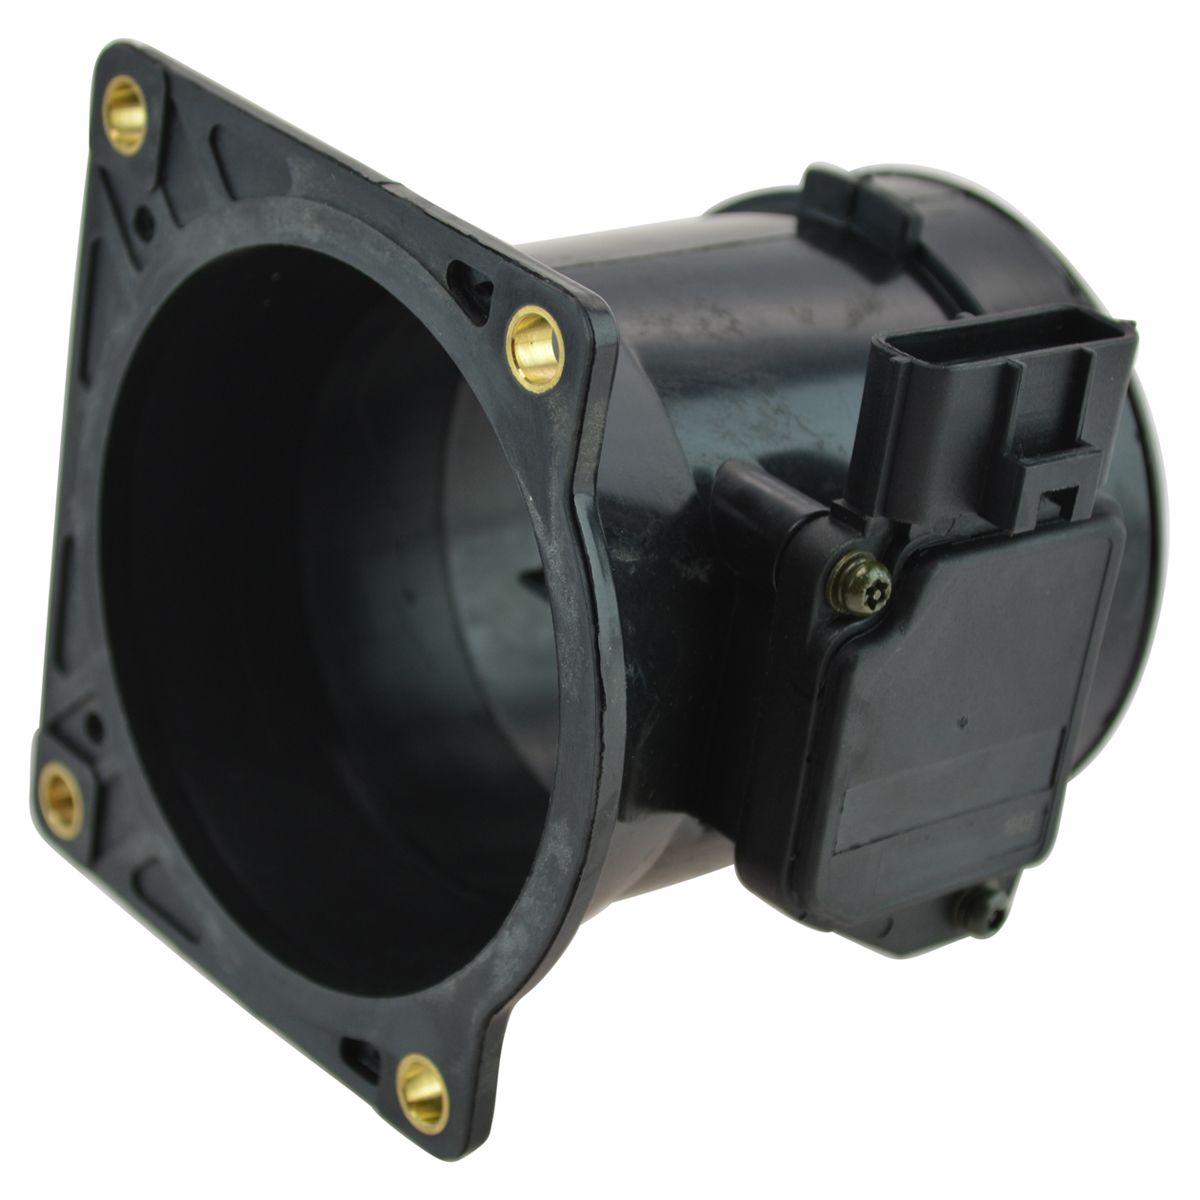 Mass Air Flow Sensor Meter for F150 F250 F350 Expedition Navigator V8 4.6L 5.4L